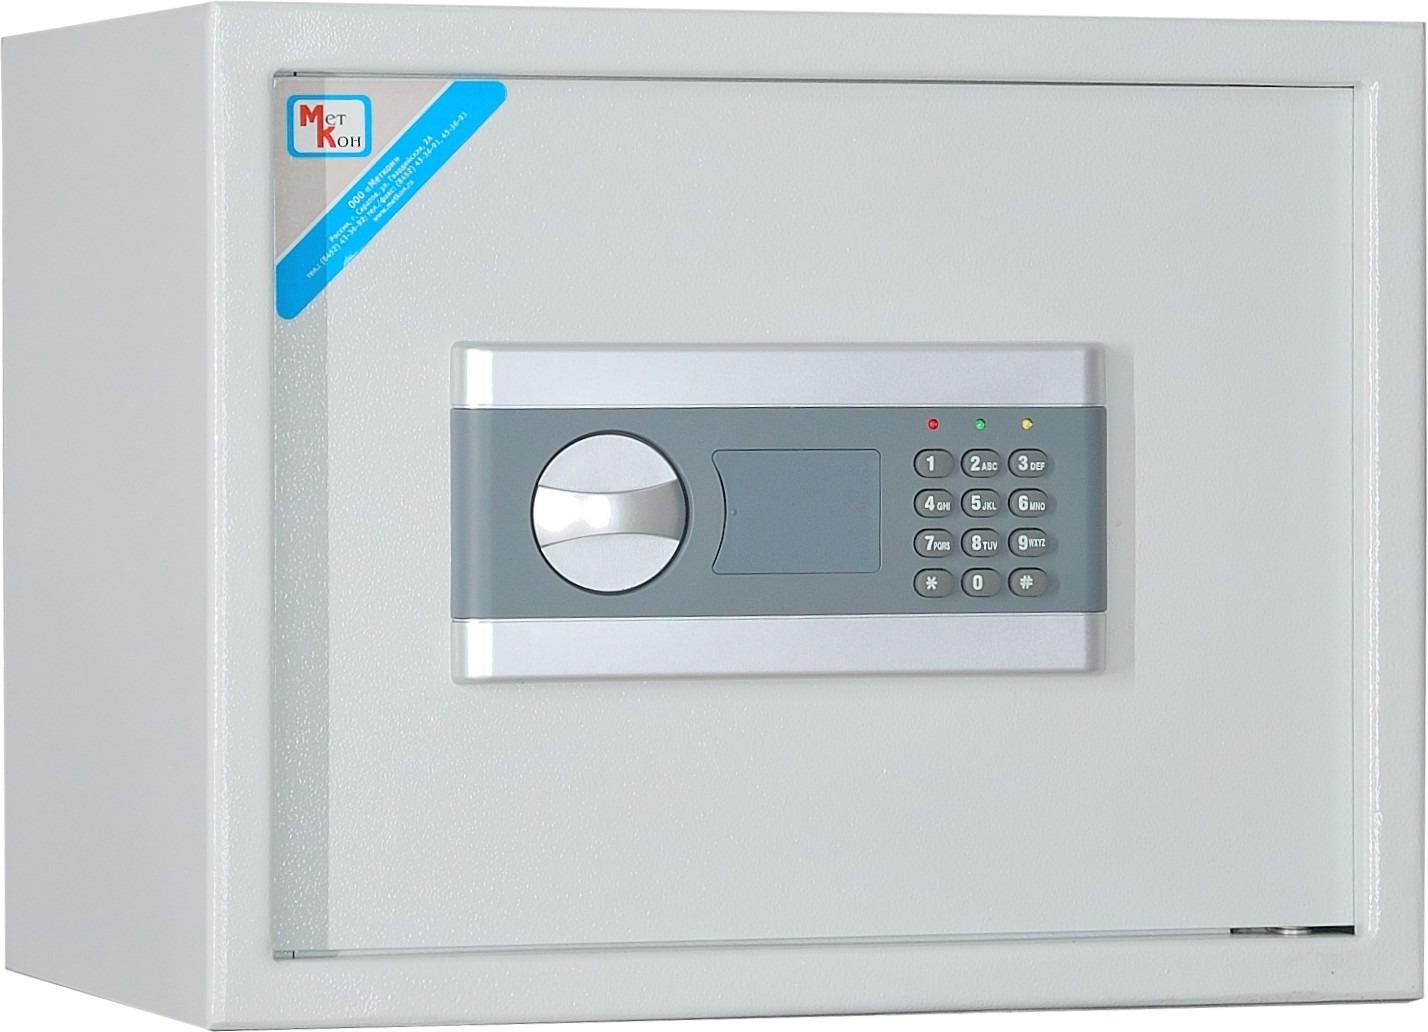 Шкаф мебельный Меткон ШМ-30Э, серый, 30 х 38 х 30 см